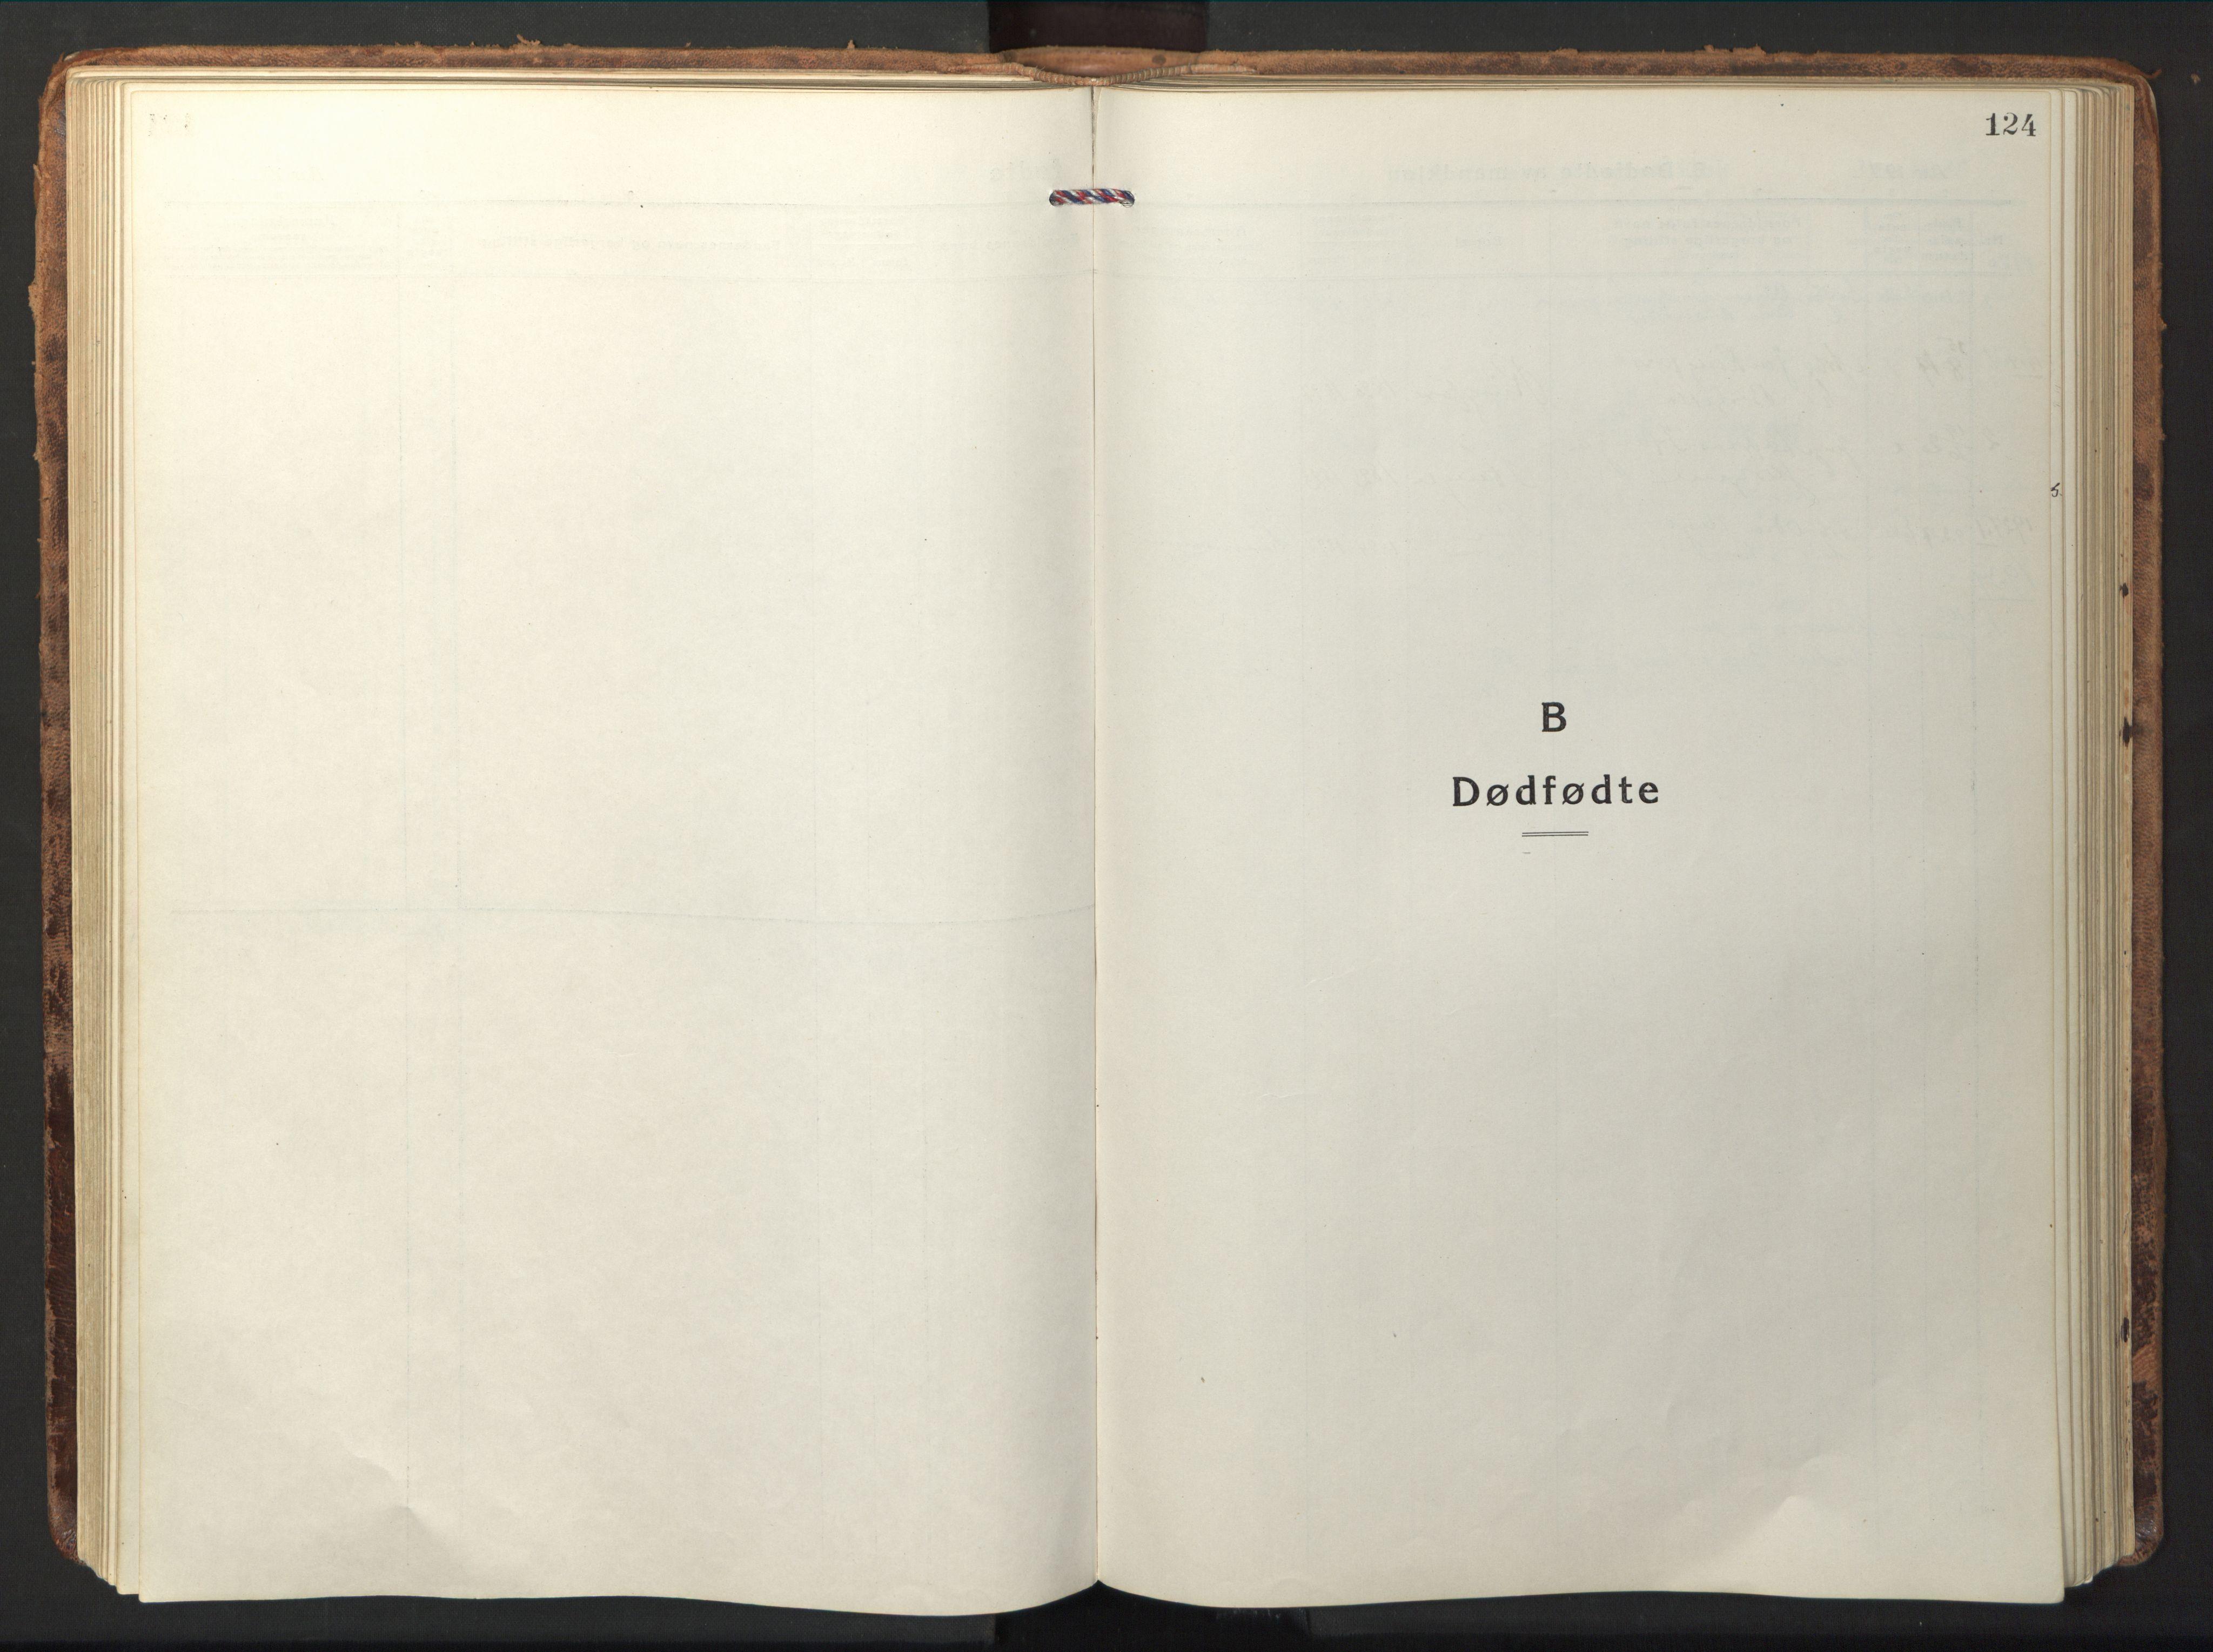 SAT, Ministerialprotokoller, klokkerbøker og fødselsregistre - Nord-Trøndelag, 714/L0136: Klokkerbok nr. 714C05, 1918-1957, s. 124